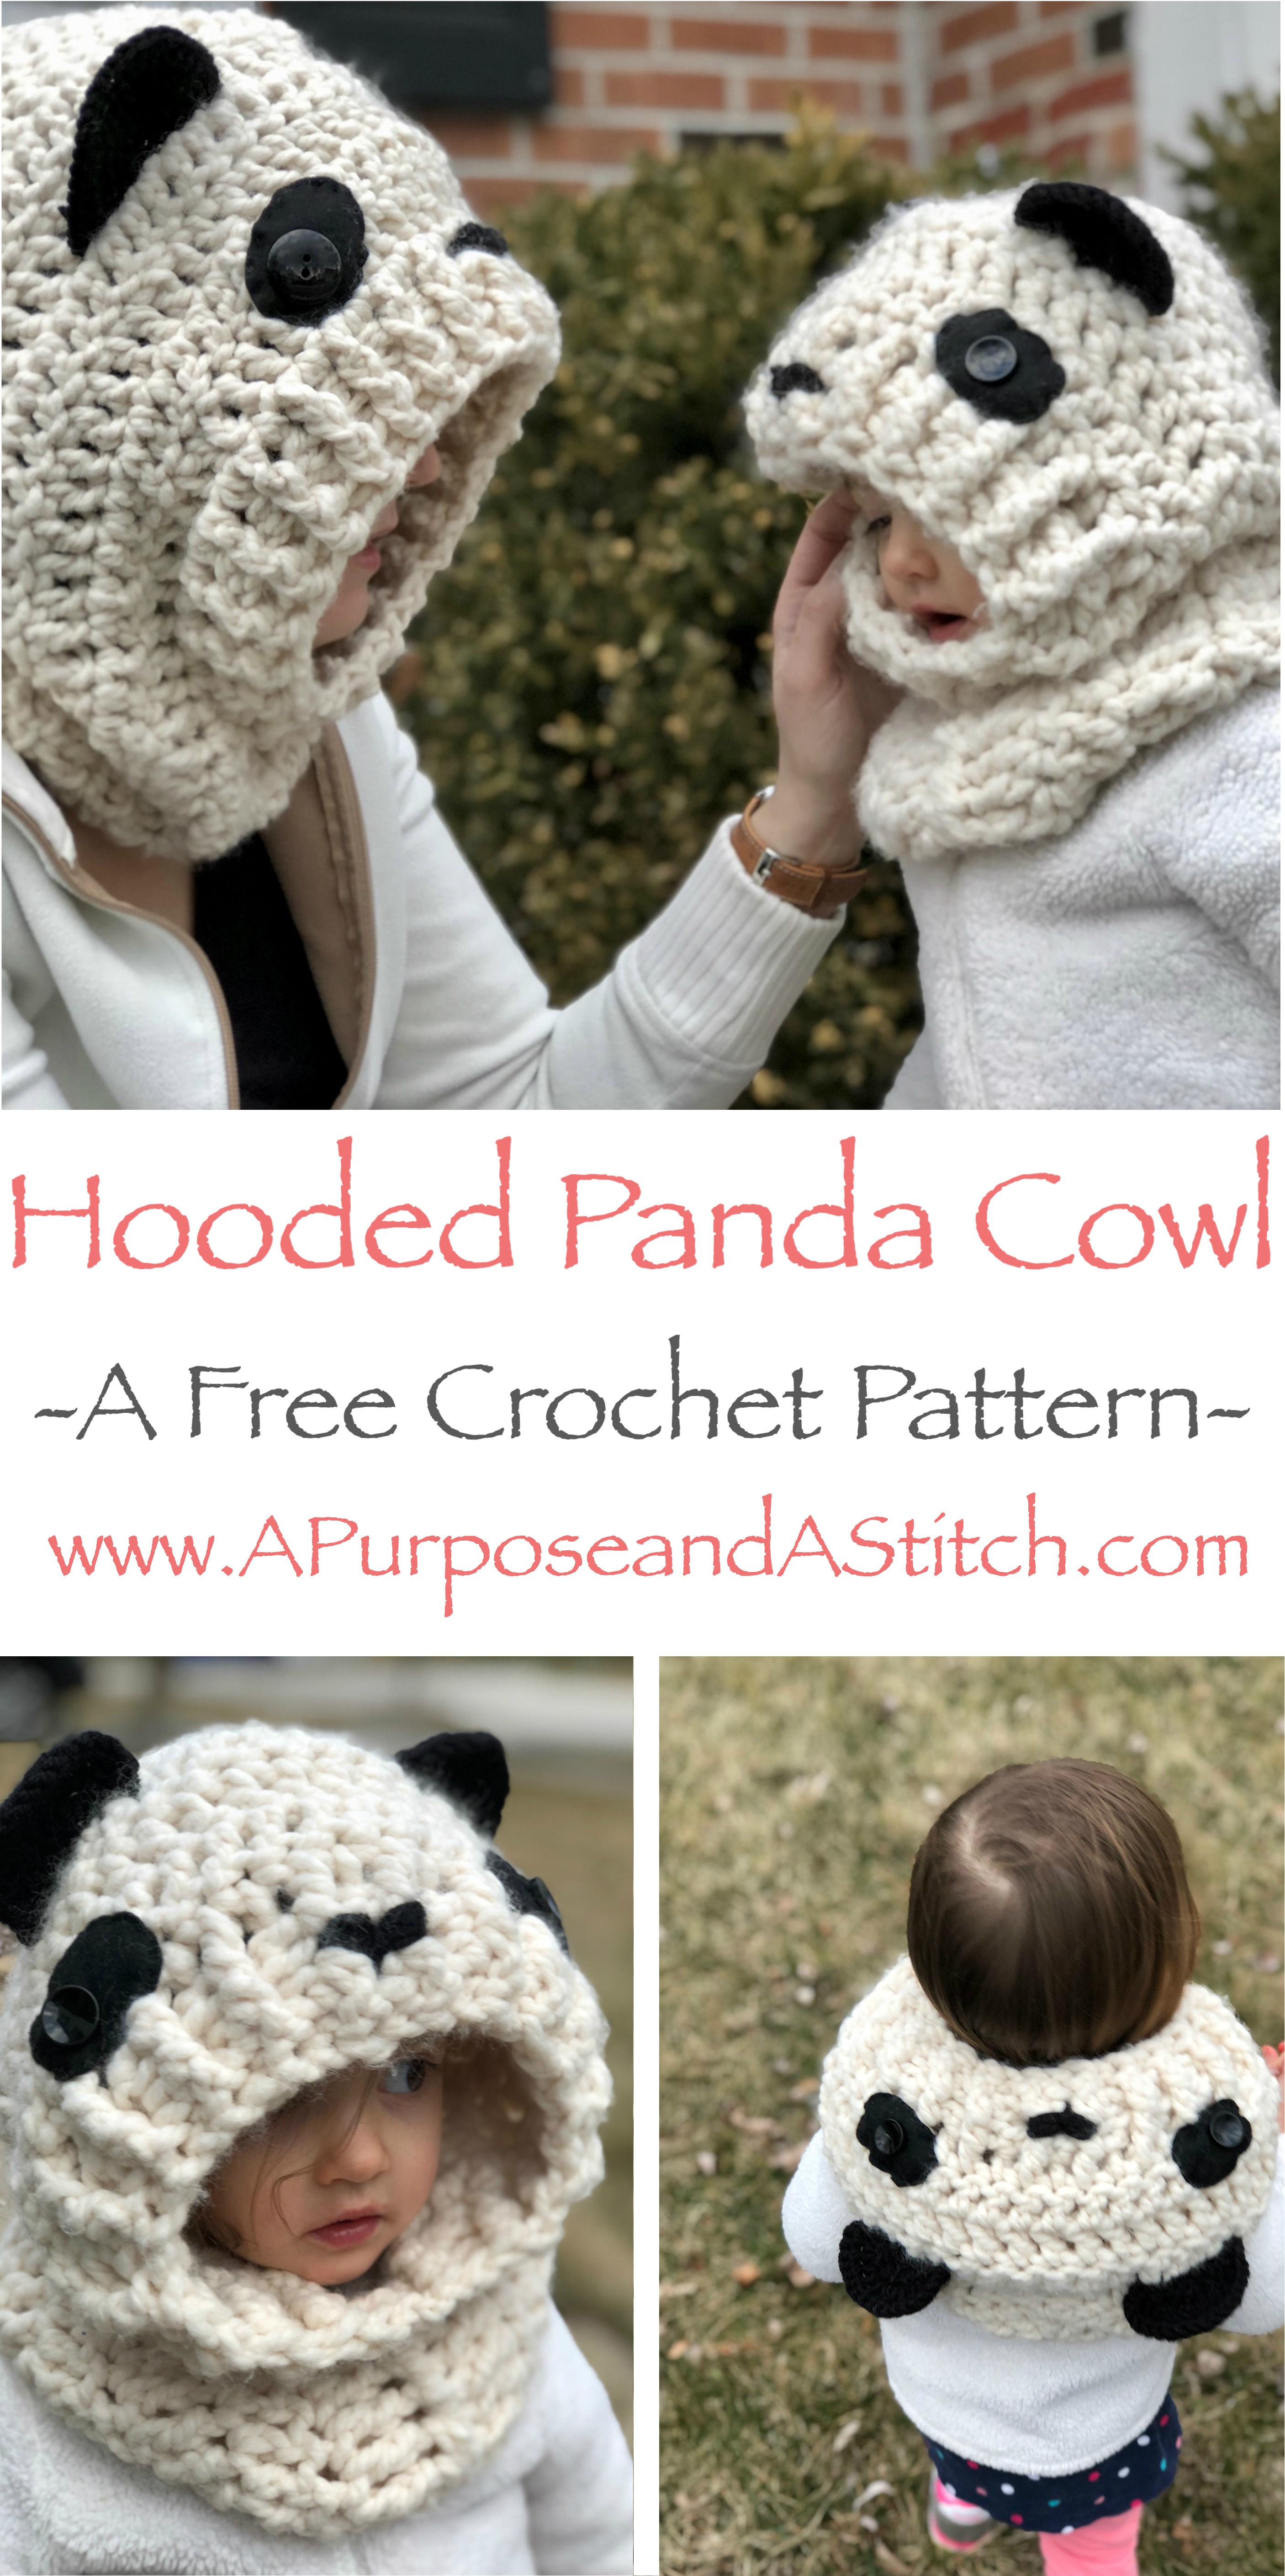 Hooded Panda Cowl .jpg